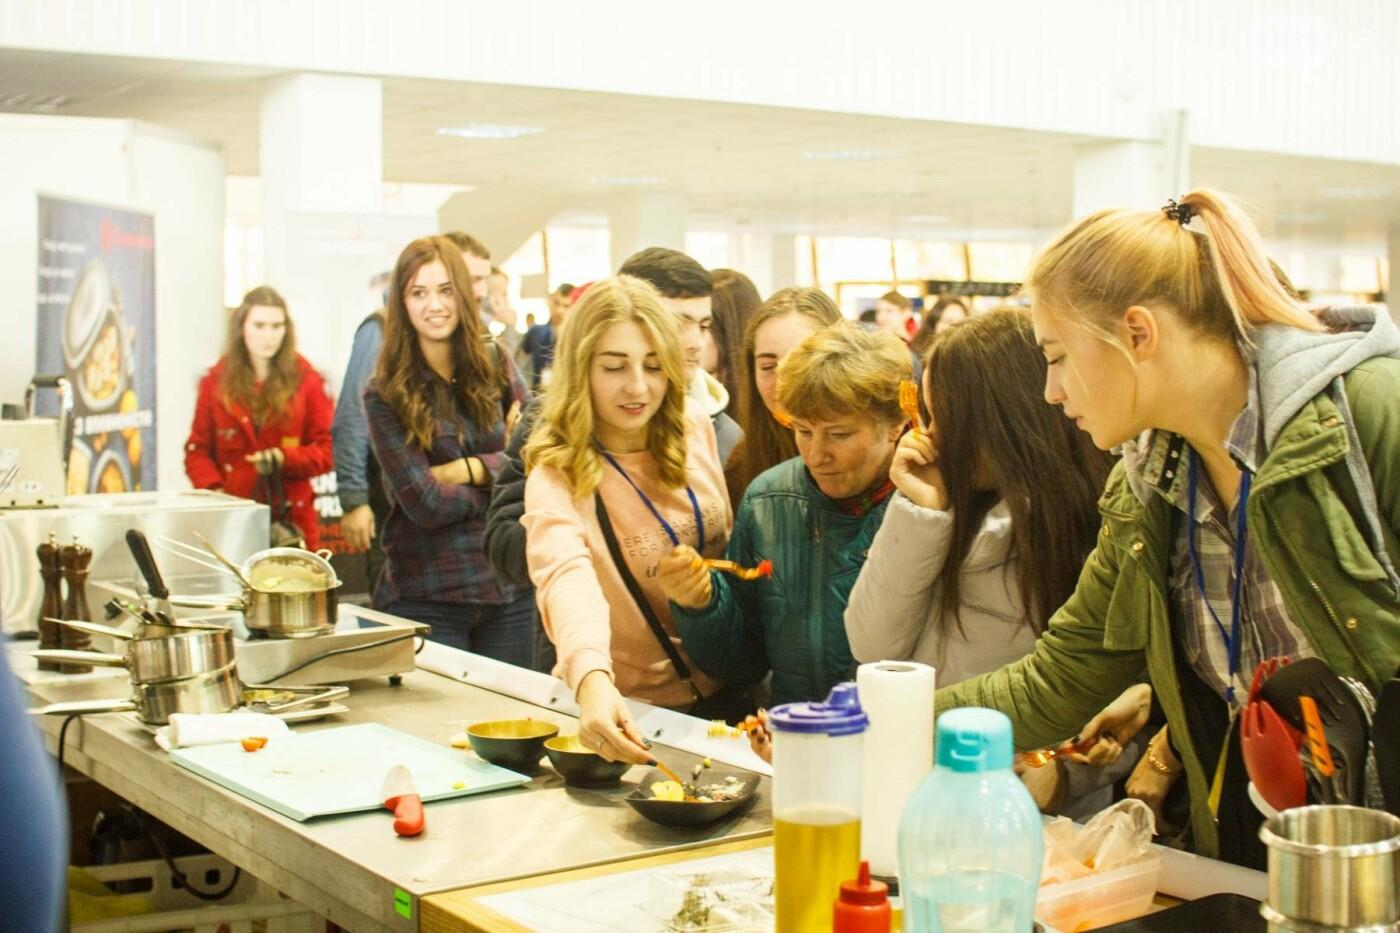 Шеф-повара запорожских ресторанов провели мастер-класс для горожан: как это было, - ФОТОРЕПОРТАЖ, фото-36